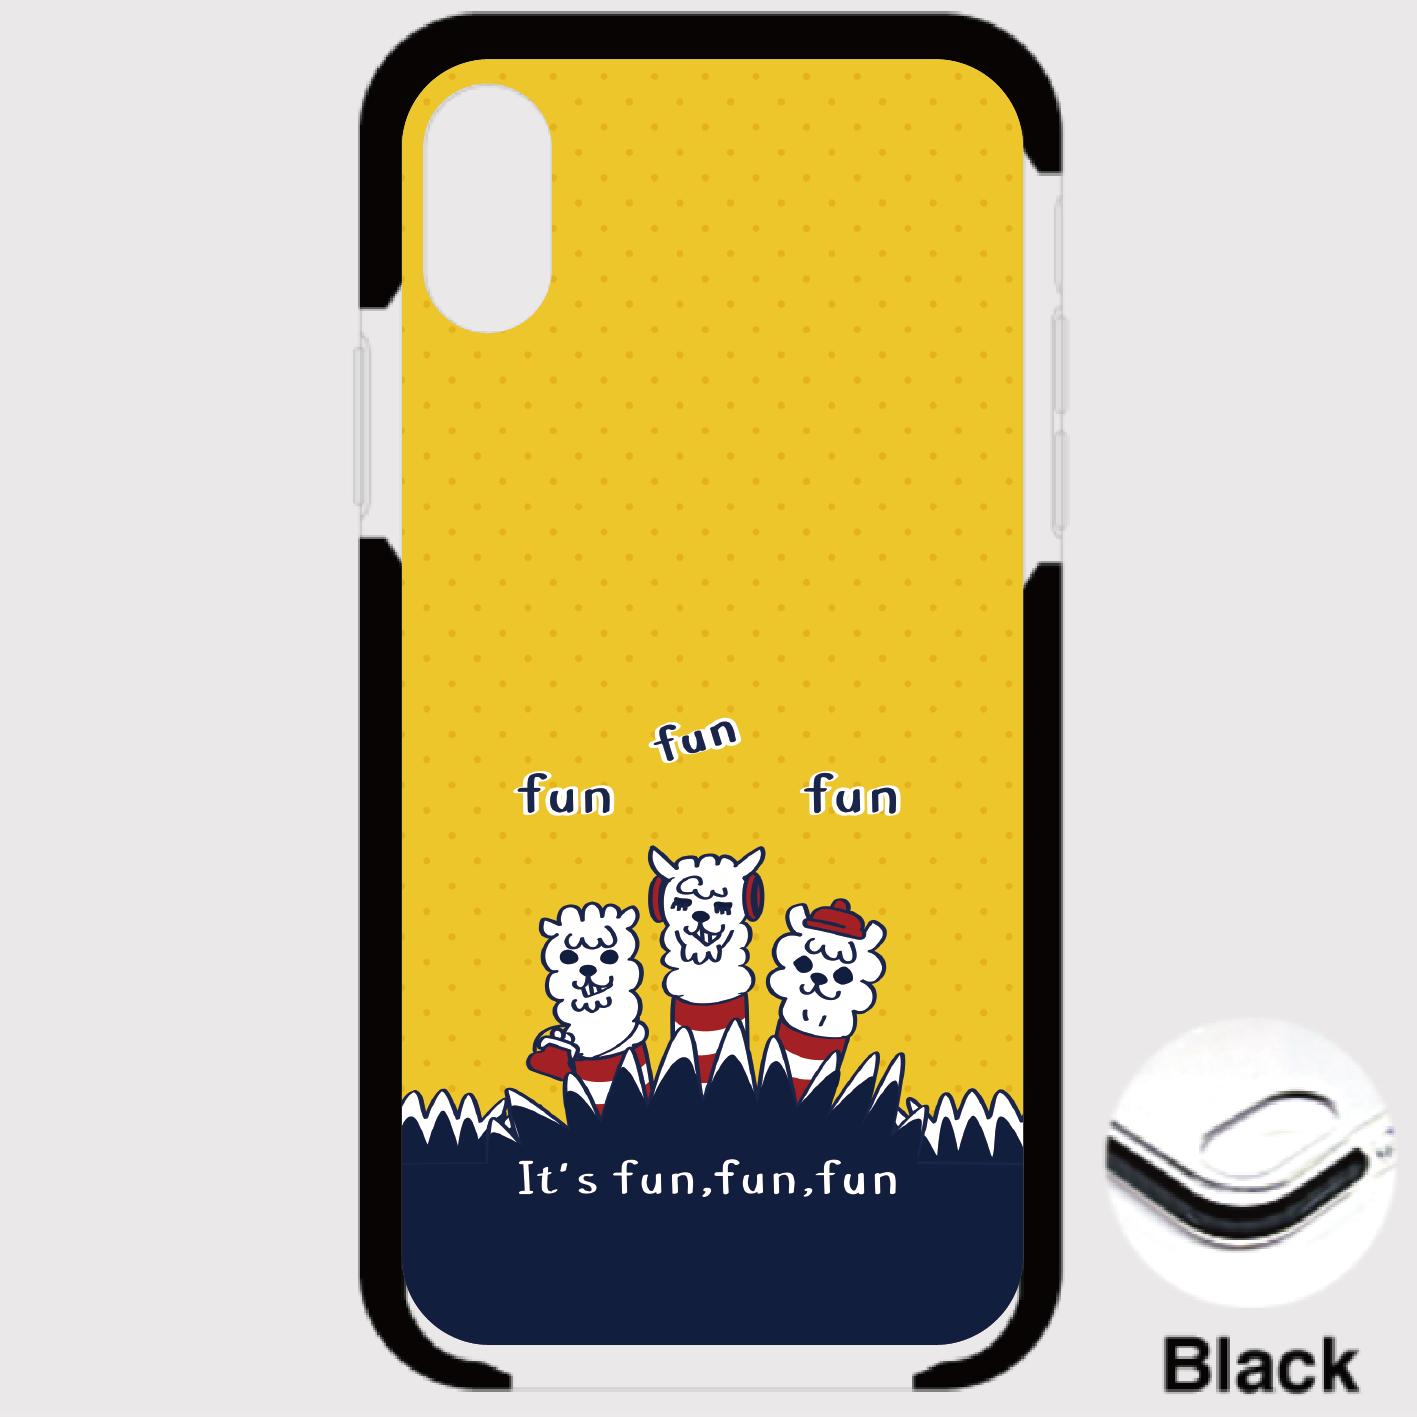 A*iPhone XR/X/XS/8/7*18-02Lxあるぱかイズムの黄色い*クッションバンパーケース